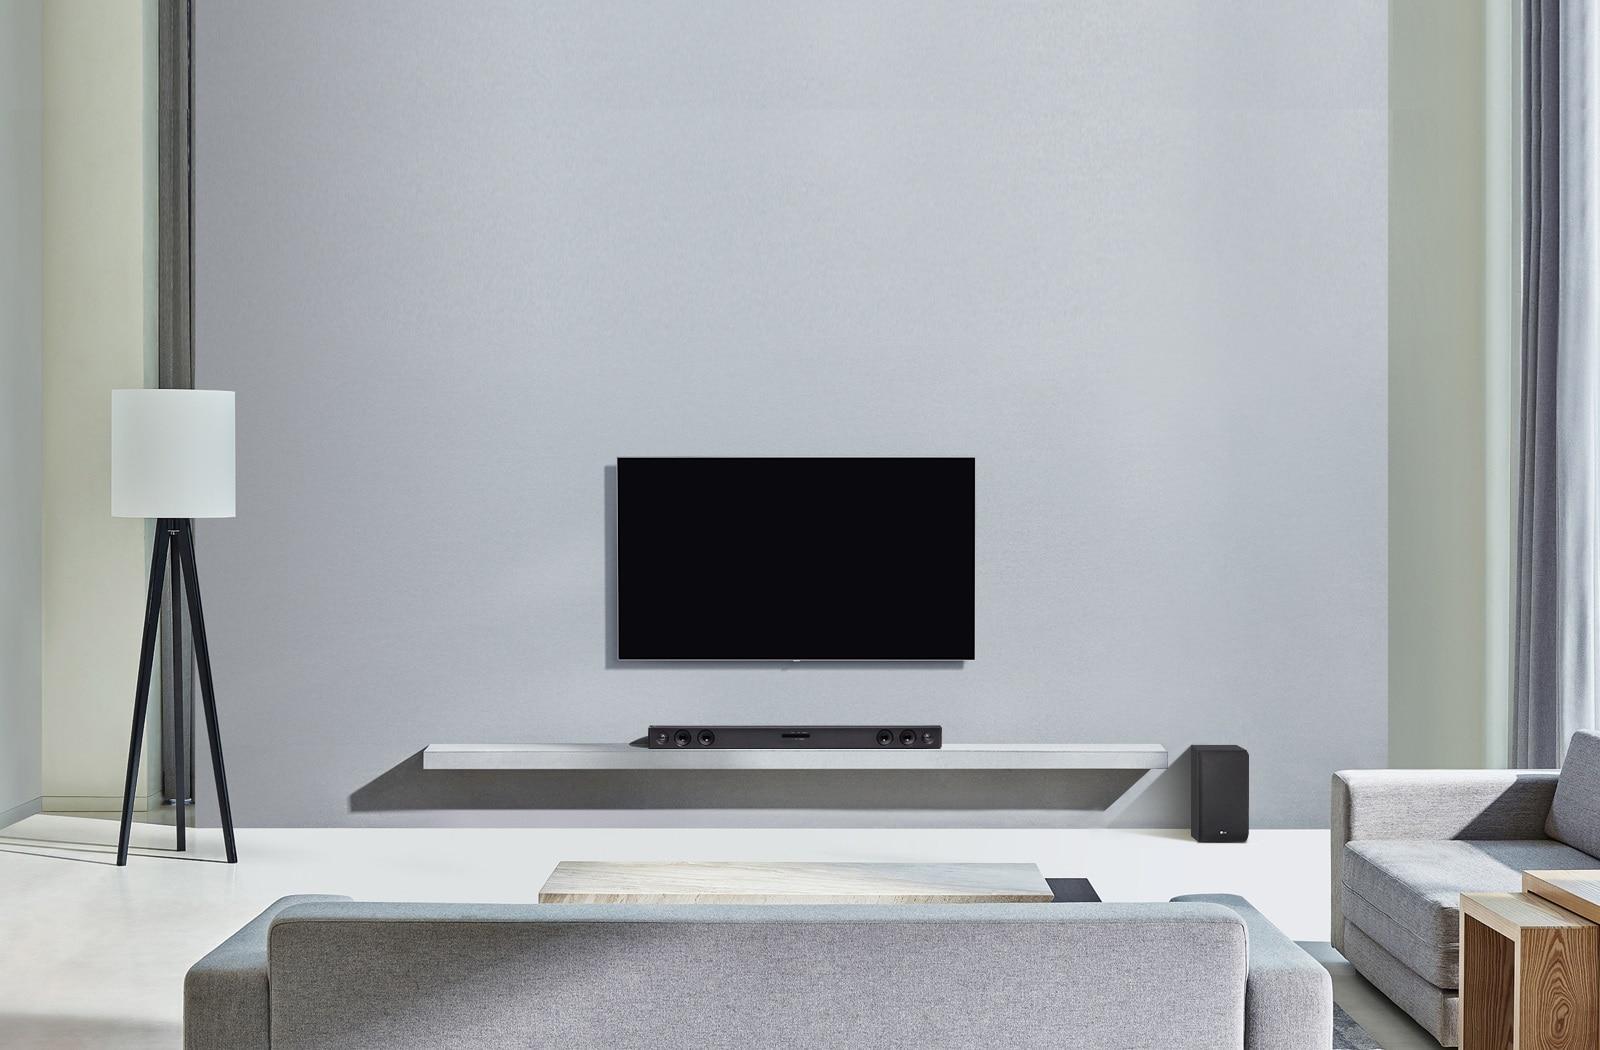 Picture Perfect Audio Partner